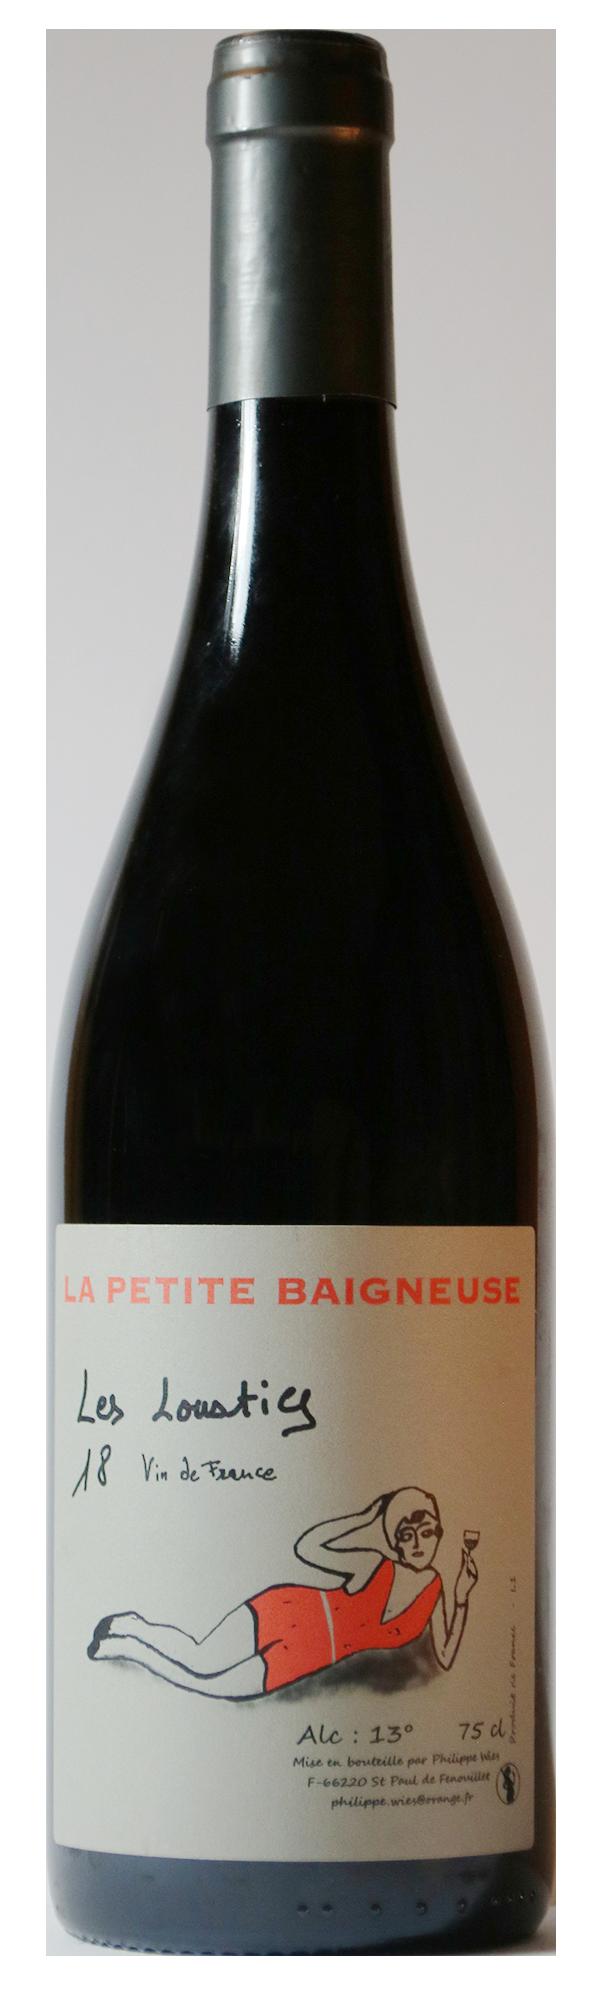 Bouteille de vin rouge naturel, cuvée Les Loustics 2018 Domaine La Petite Baigneuse